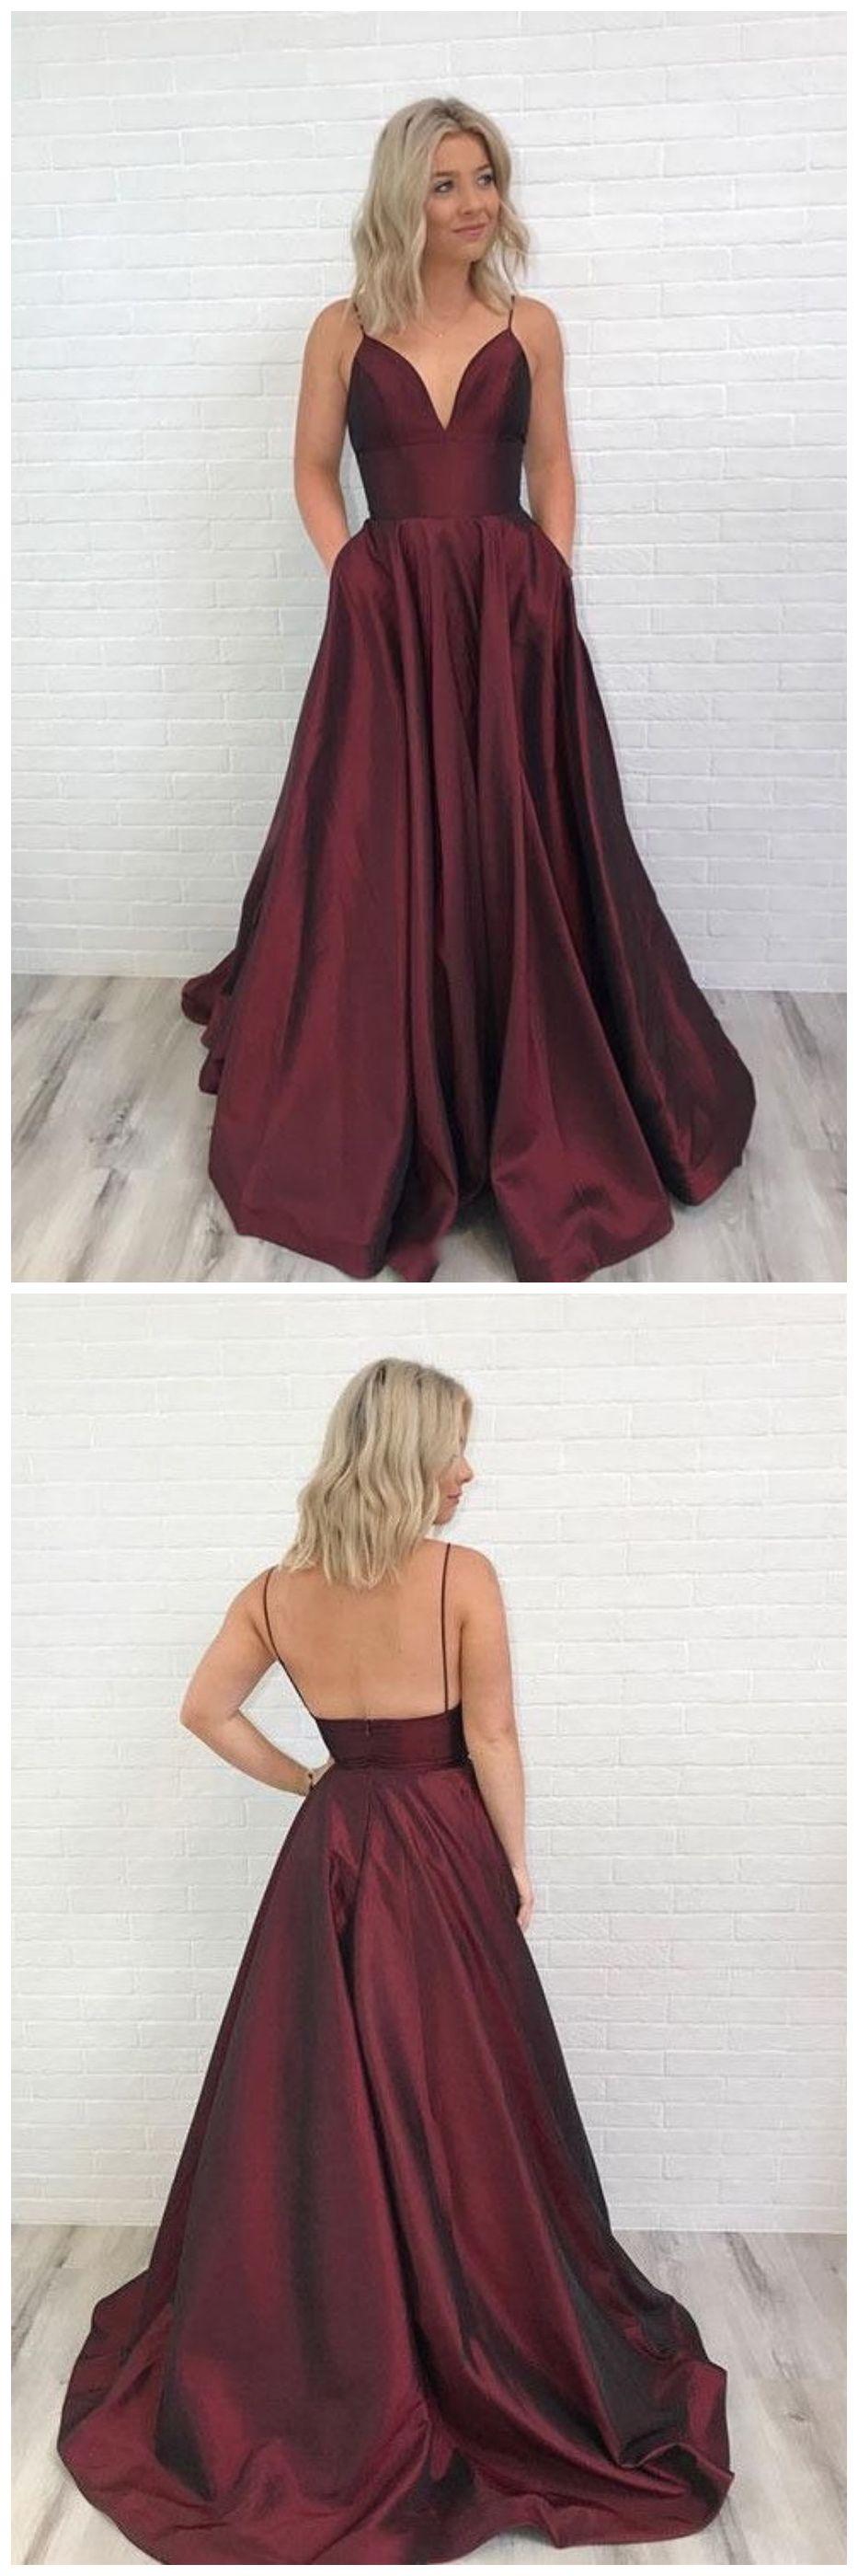 Spaghetti straps burgundy floor length satin prom dresses ed